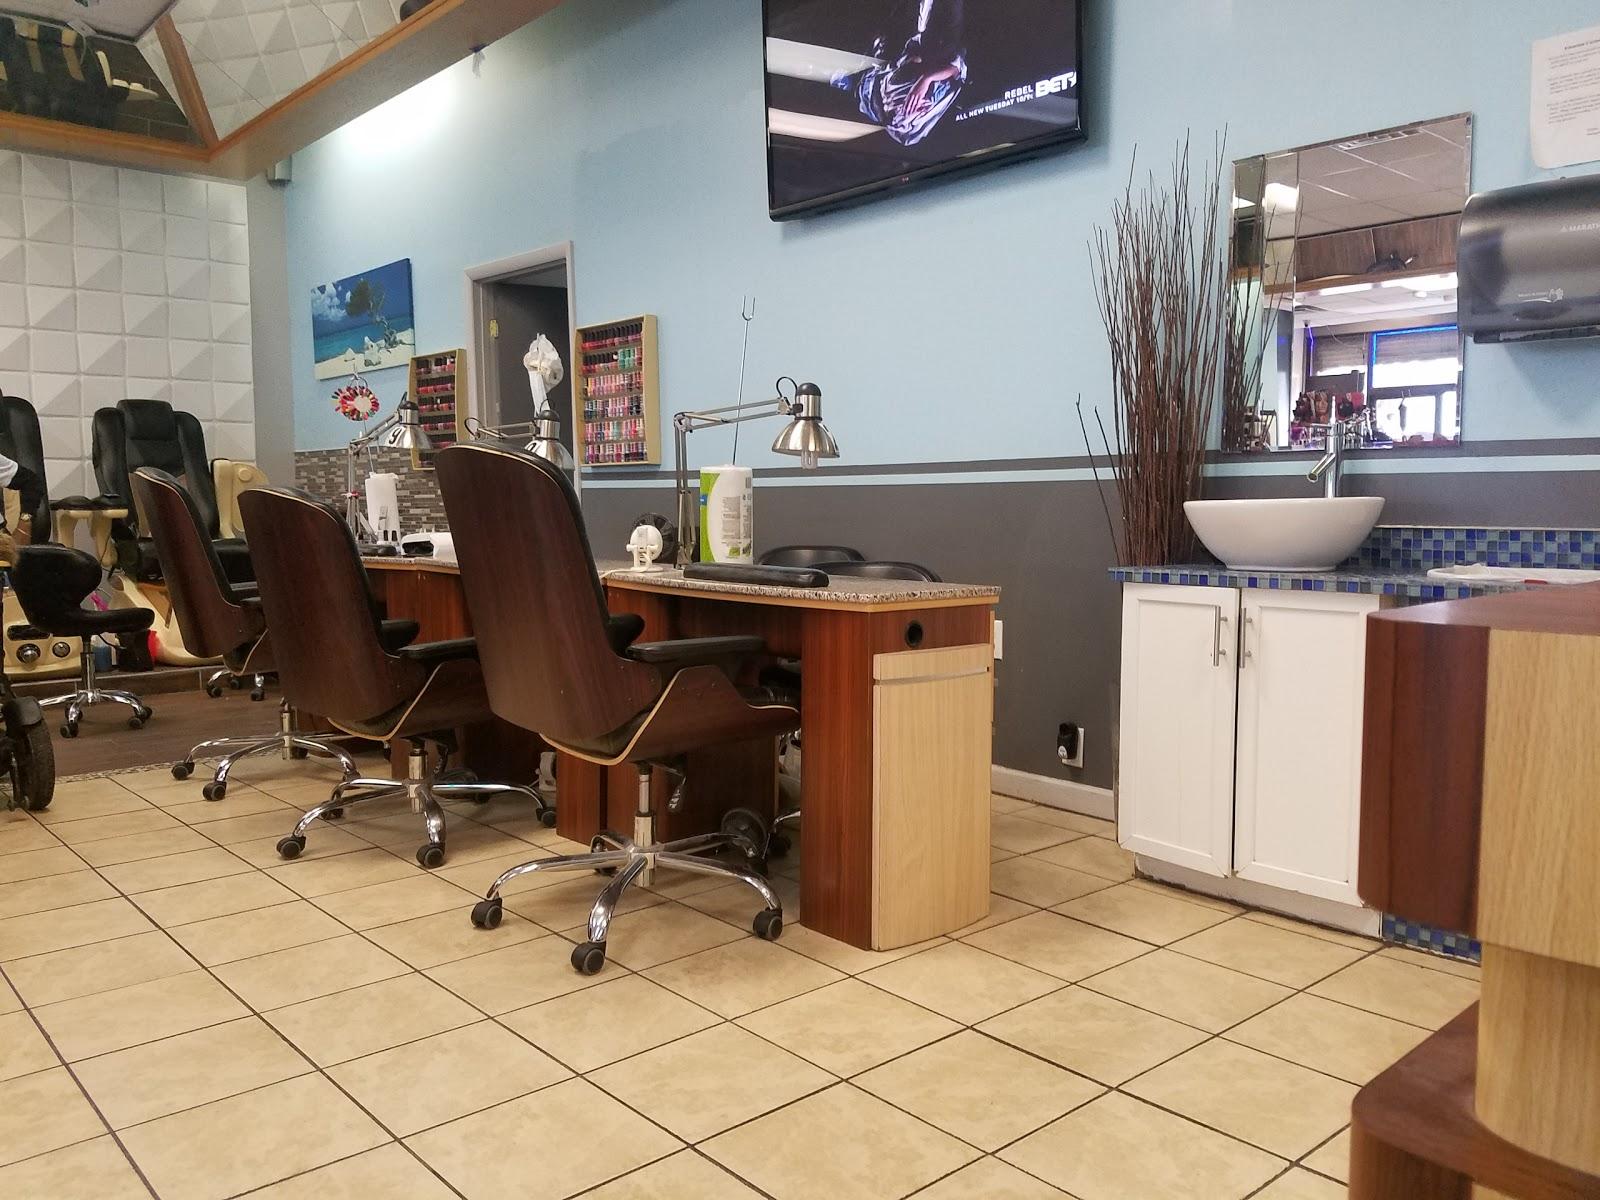 Lux Nail Spa & Hair Salon, 421 East 33rd Street, Baltimore, Reviews ...